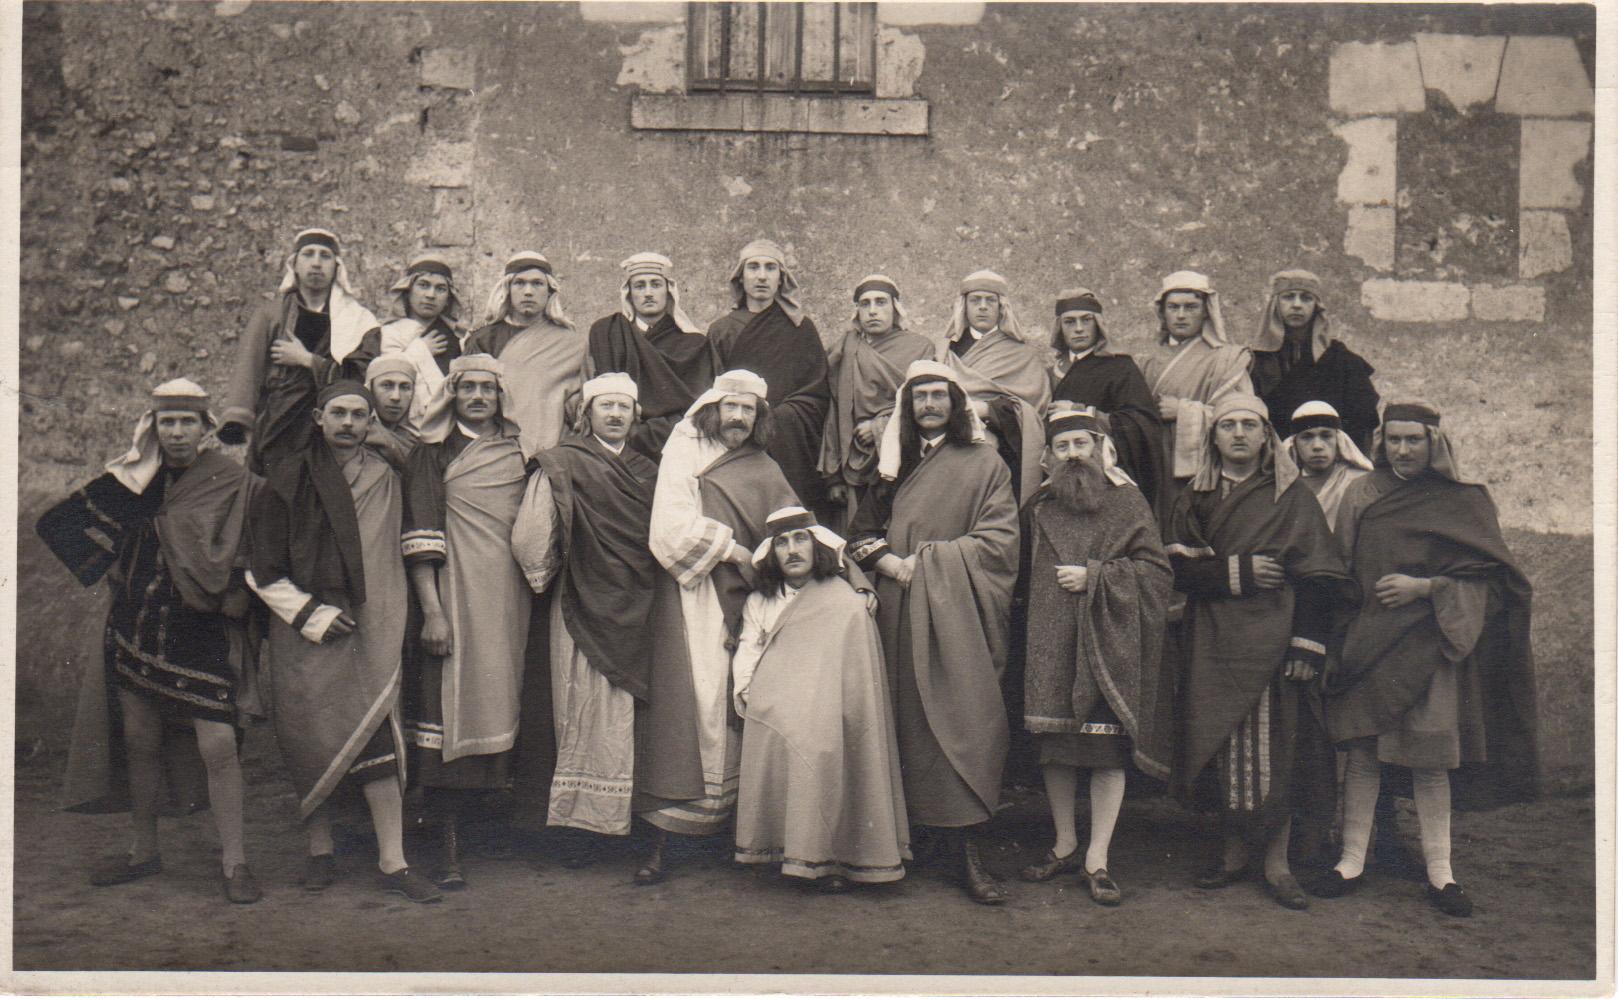 L'équipe de théatre de l'Etoile Saint Marc dans les années 30